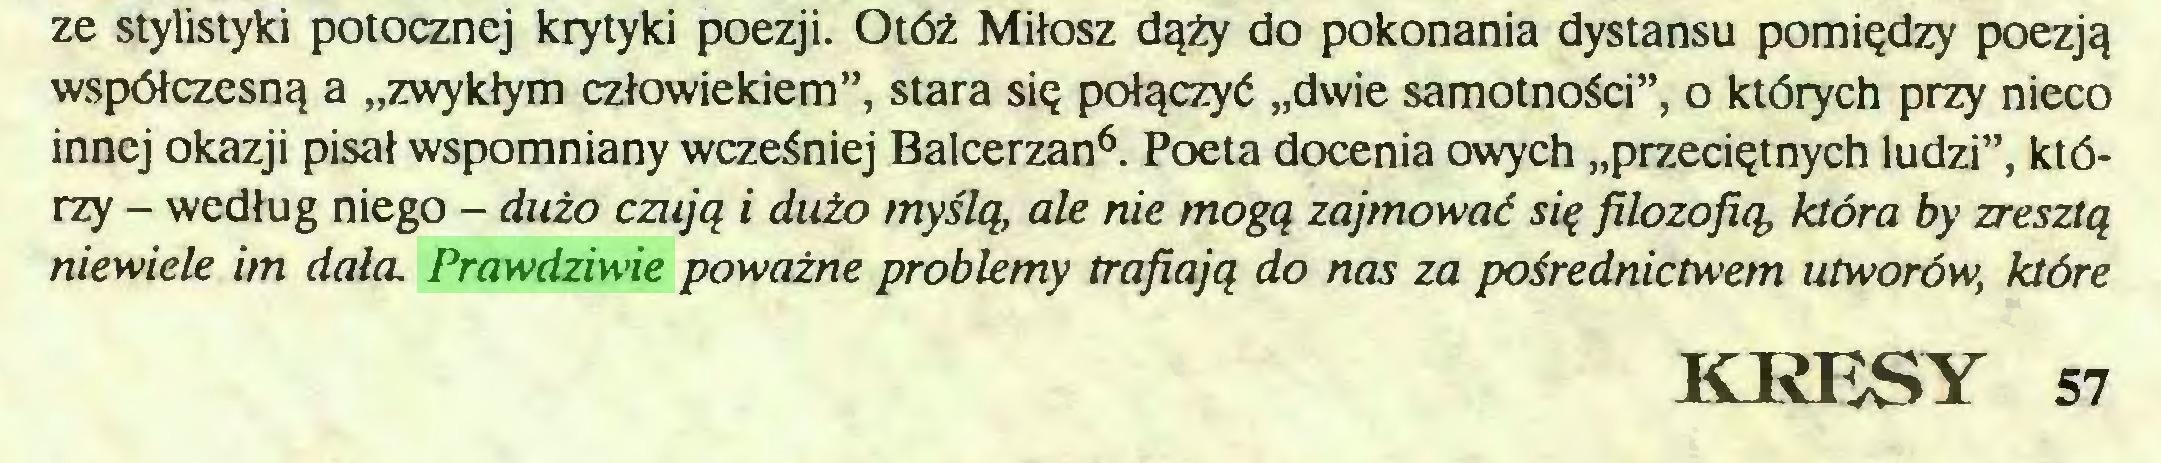 """(...) ze stylistyki potocznej krytyki poezji. Otóż Miłosz dąży do pokonania dystansu pomiędzy poezją współczesną a """"zwykłym człowiekiem"""", stara się połączyć """"dwie samotności"""", o których przy nieco innej okazji pisał wspomniany wcześniej Balcerzan6. Poeta docenia owych """"przeciętnych ludzi"""", którzy - według niego - dużo czują i dużo myślą, ale nie mogą zajmować się filozofią, która by zresztą niewiele im dała. Prawdńwie poważne problemy trafiają do nas za pośrednictwem utworów, które KRESY 57..."""